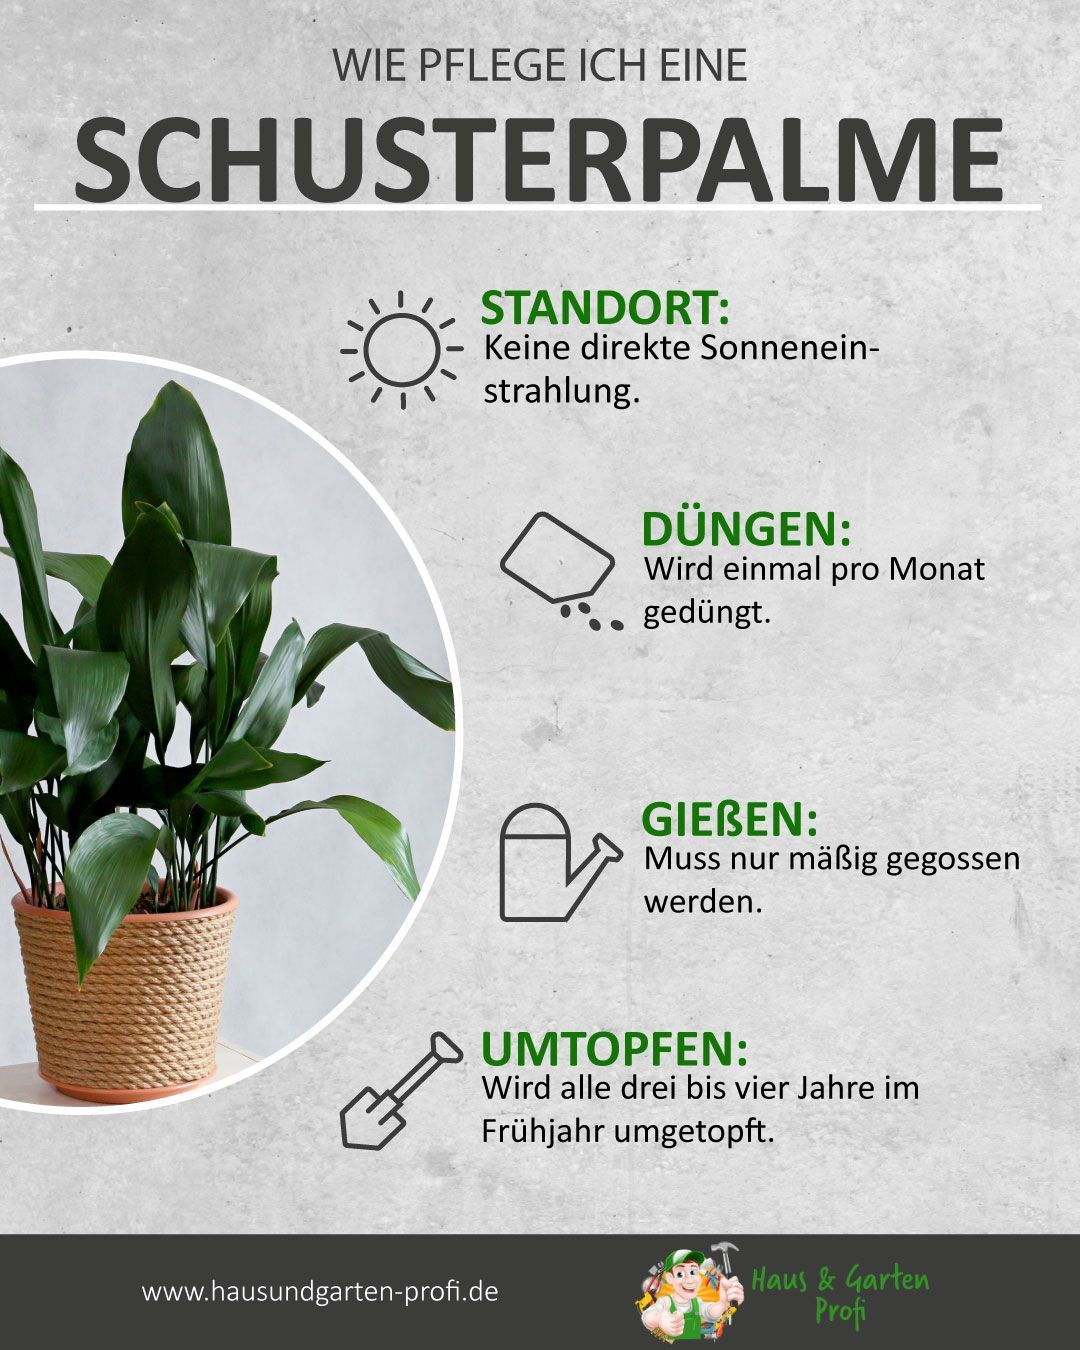 Schusterpalme Richtig Dungen Giessen Umtopfen Sowie Den Richtigen Standort Fi In 2020 Pflanzen Zimmer Ungewohnliche Pflanzen Pflanzen Indoor